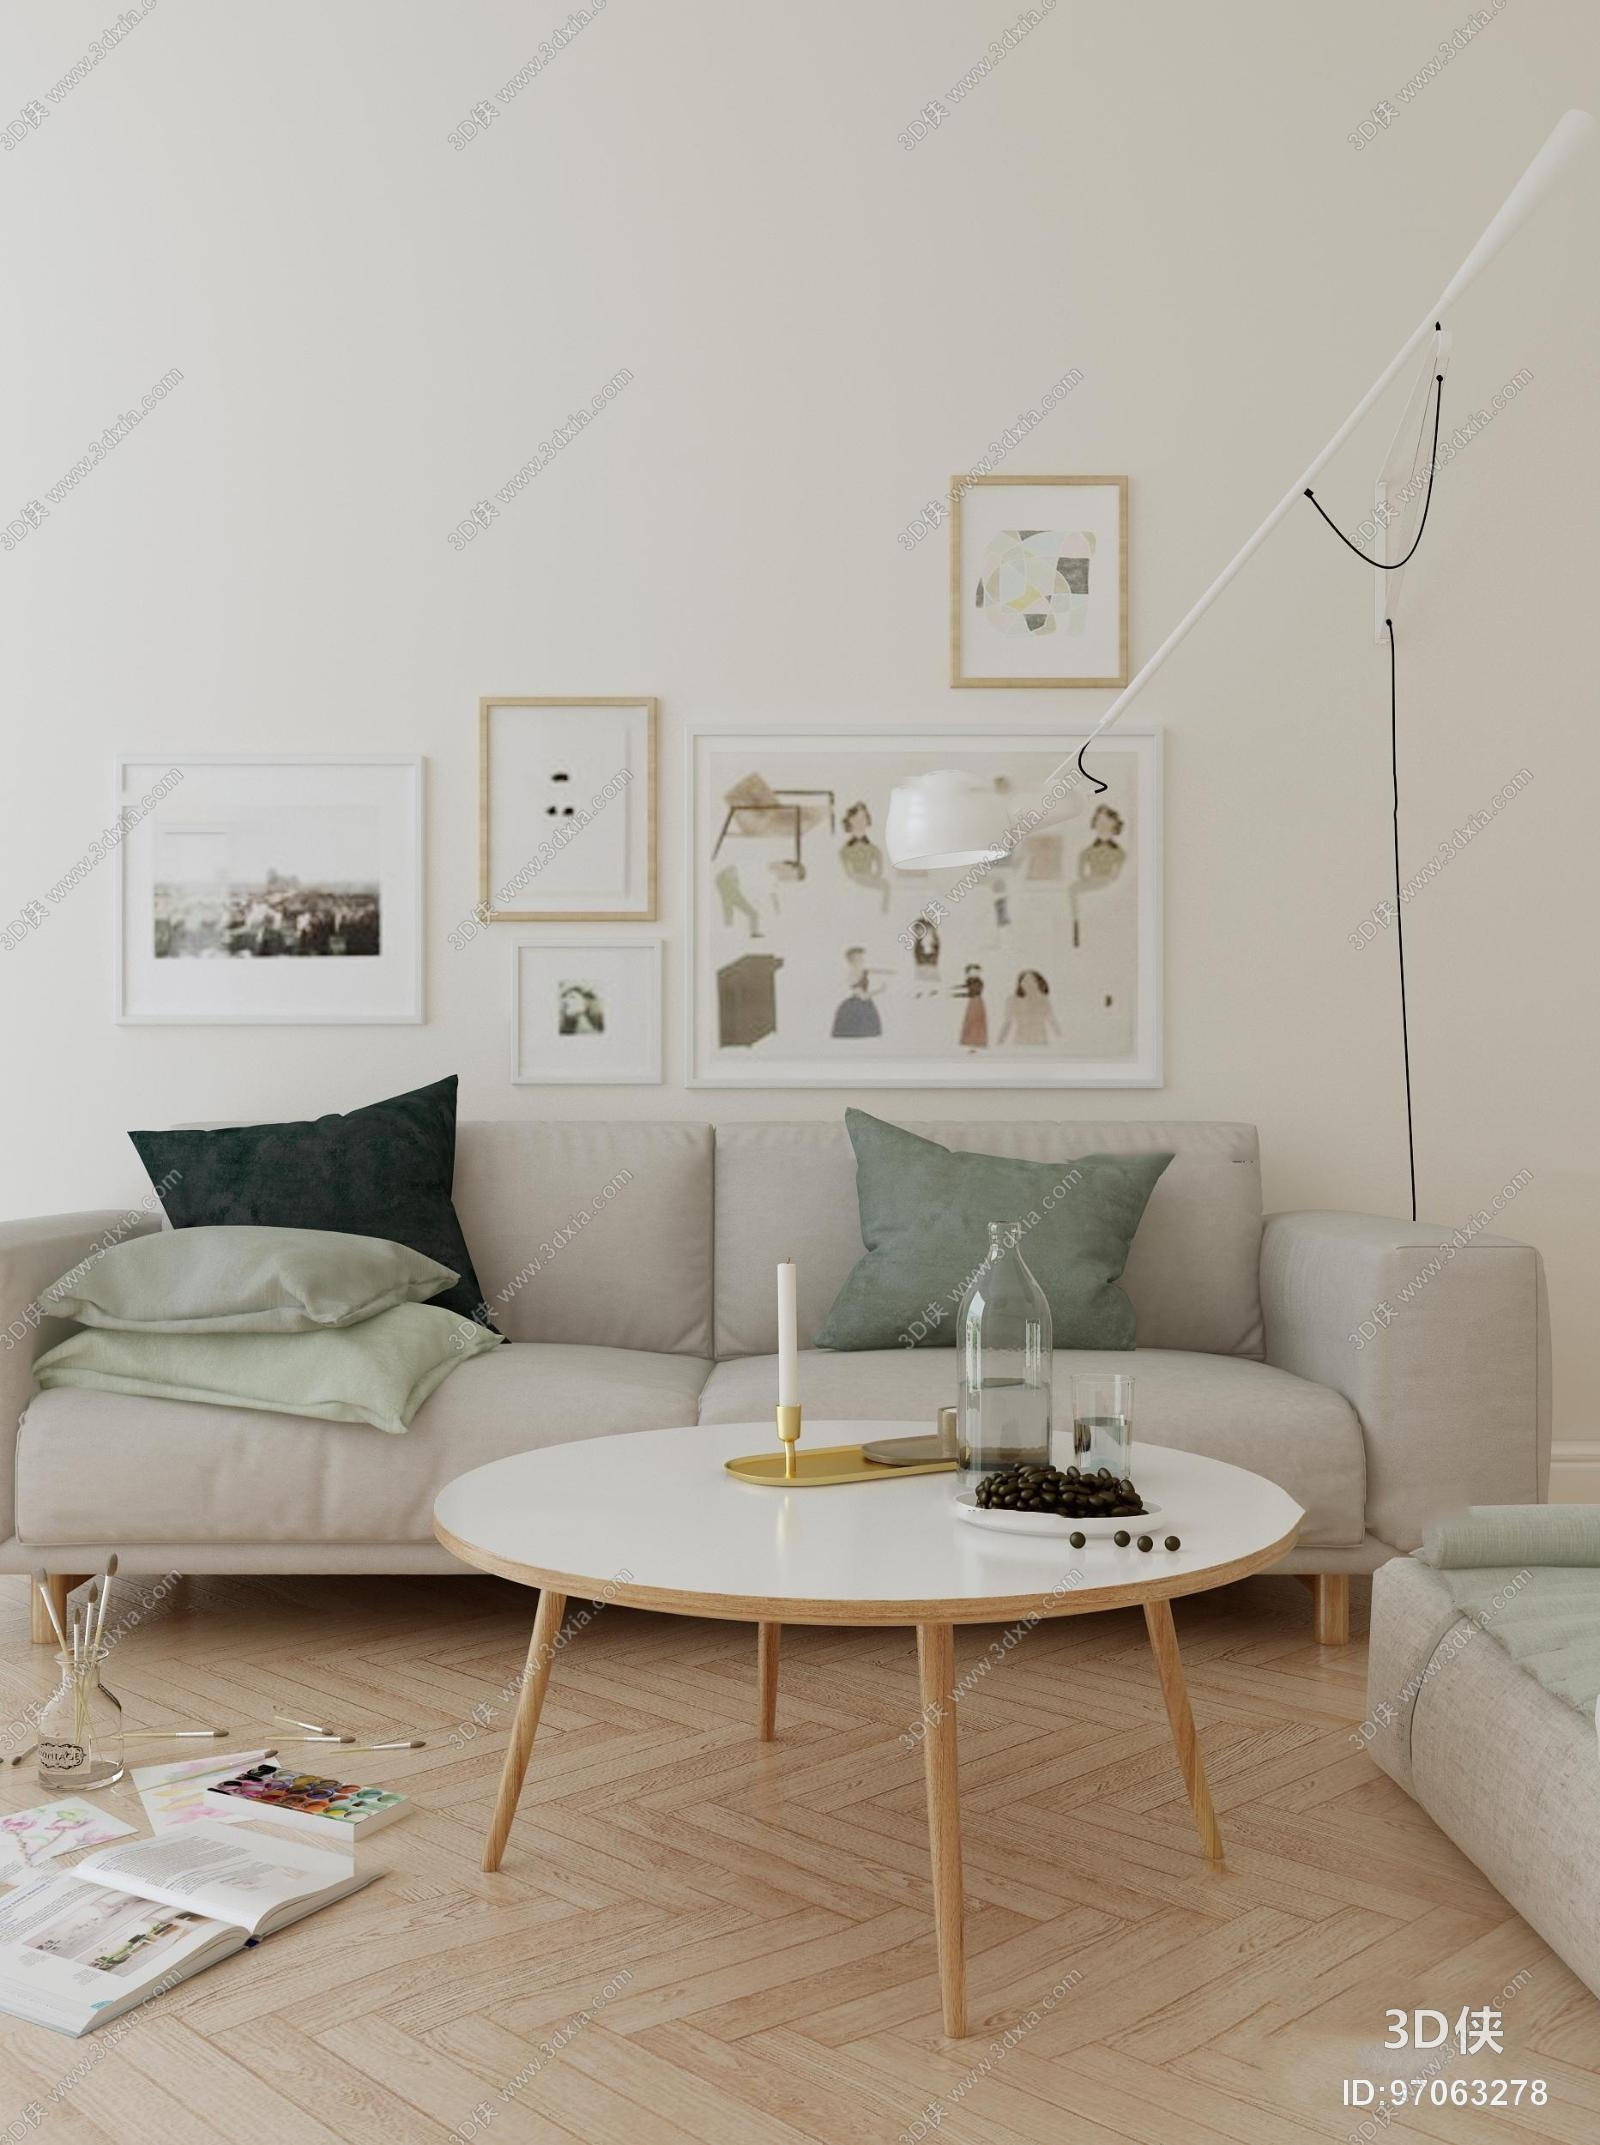 效果图素材免费下载,本作品主题是北欧布艺沙发圆形茶几落地灯装饰画